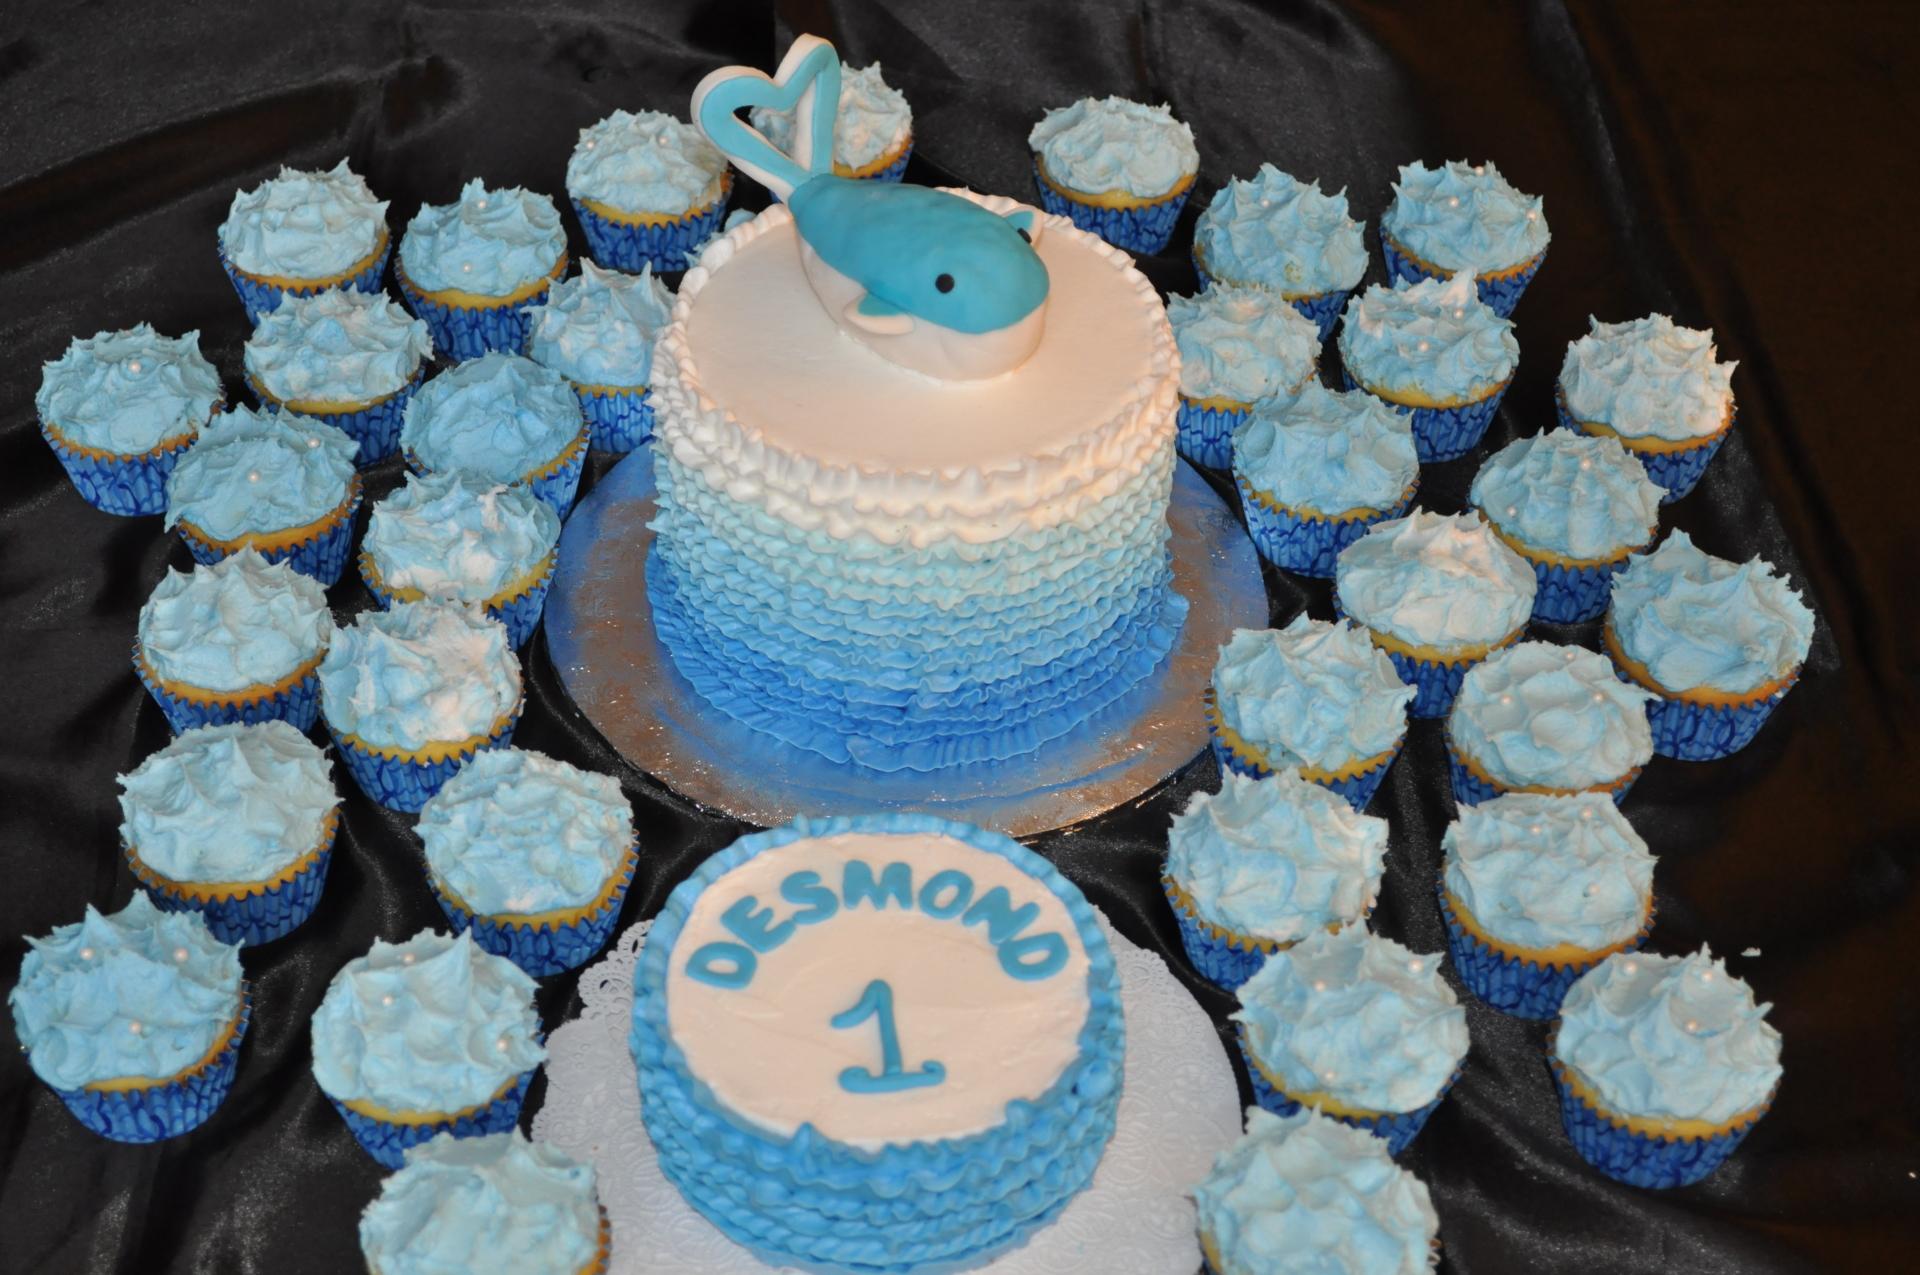 Ocean theme cake, whale birthday cake, ocean theme cupcakes, 1st birthday cake